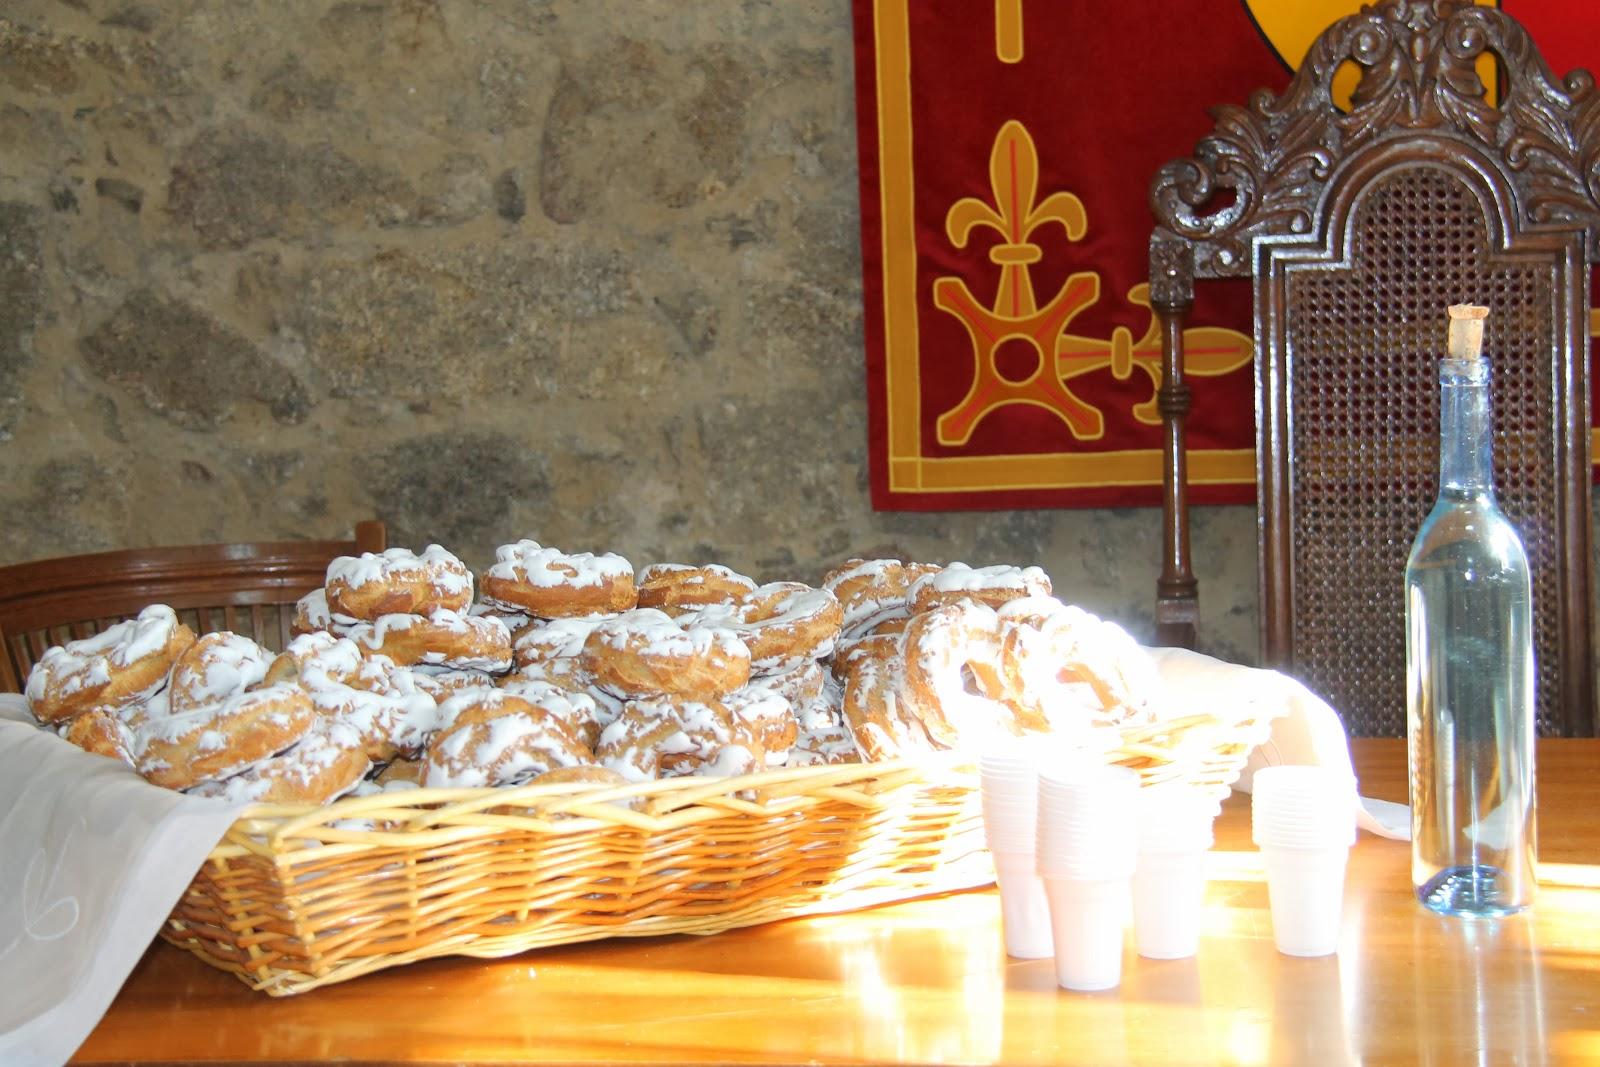 dulces tipicos y aguardiente degustados durante la celebración